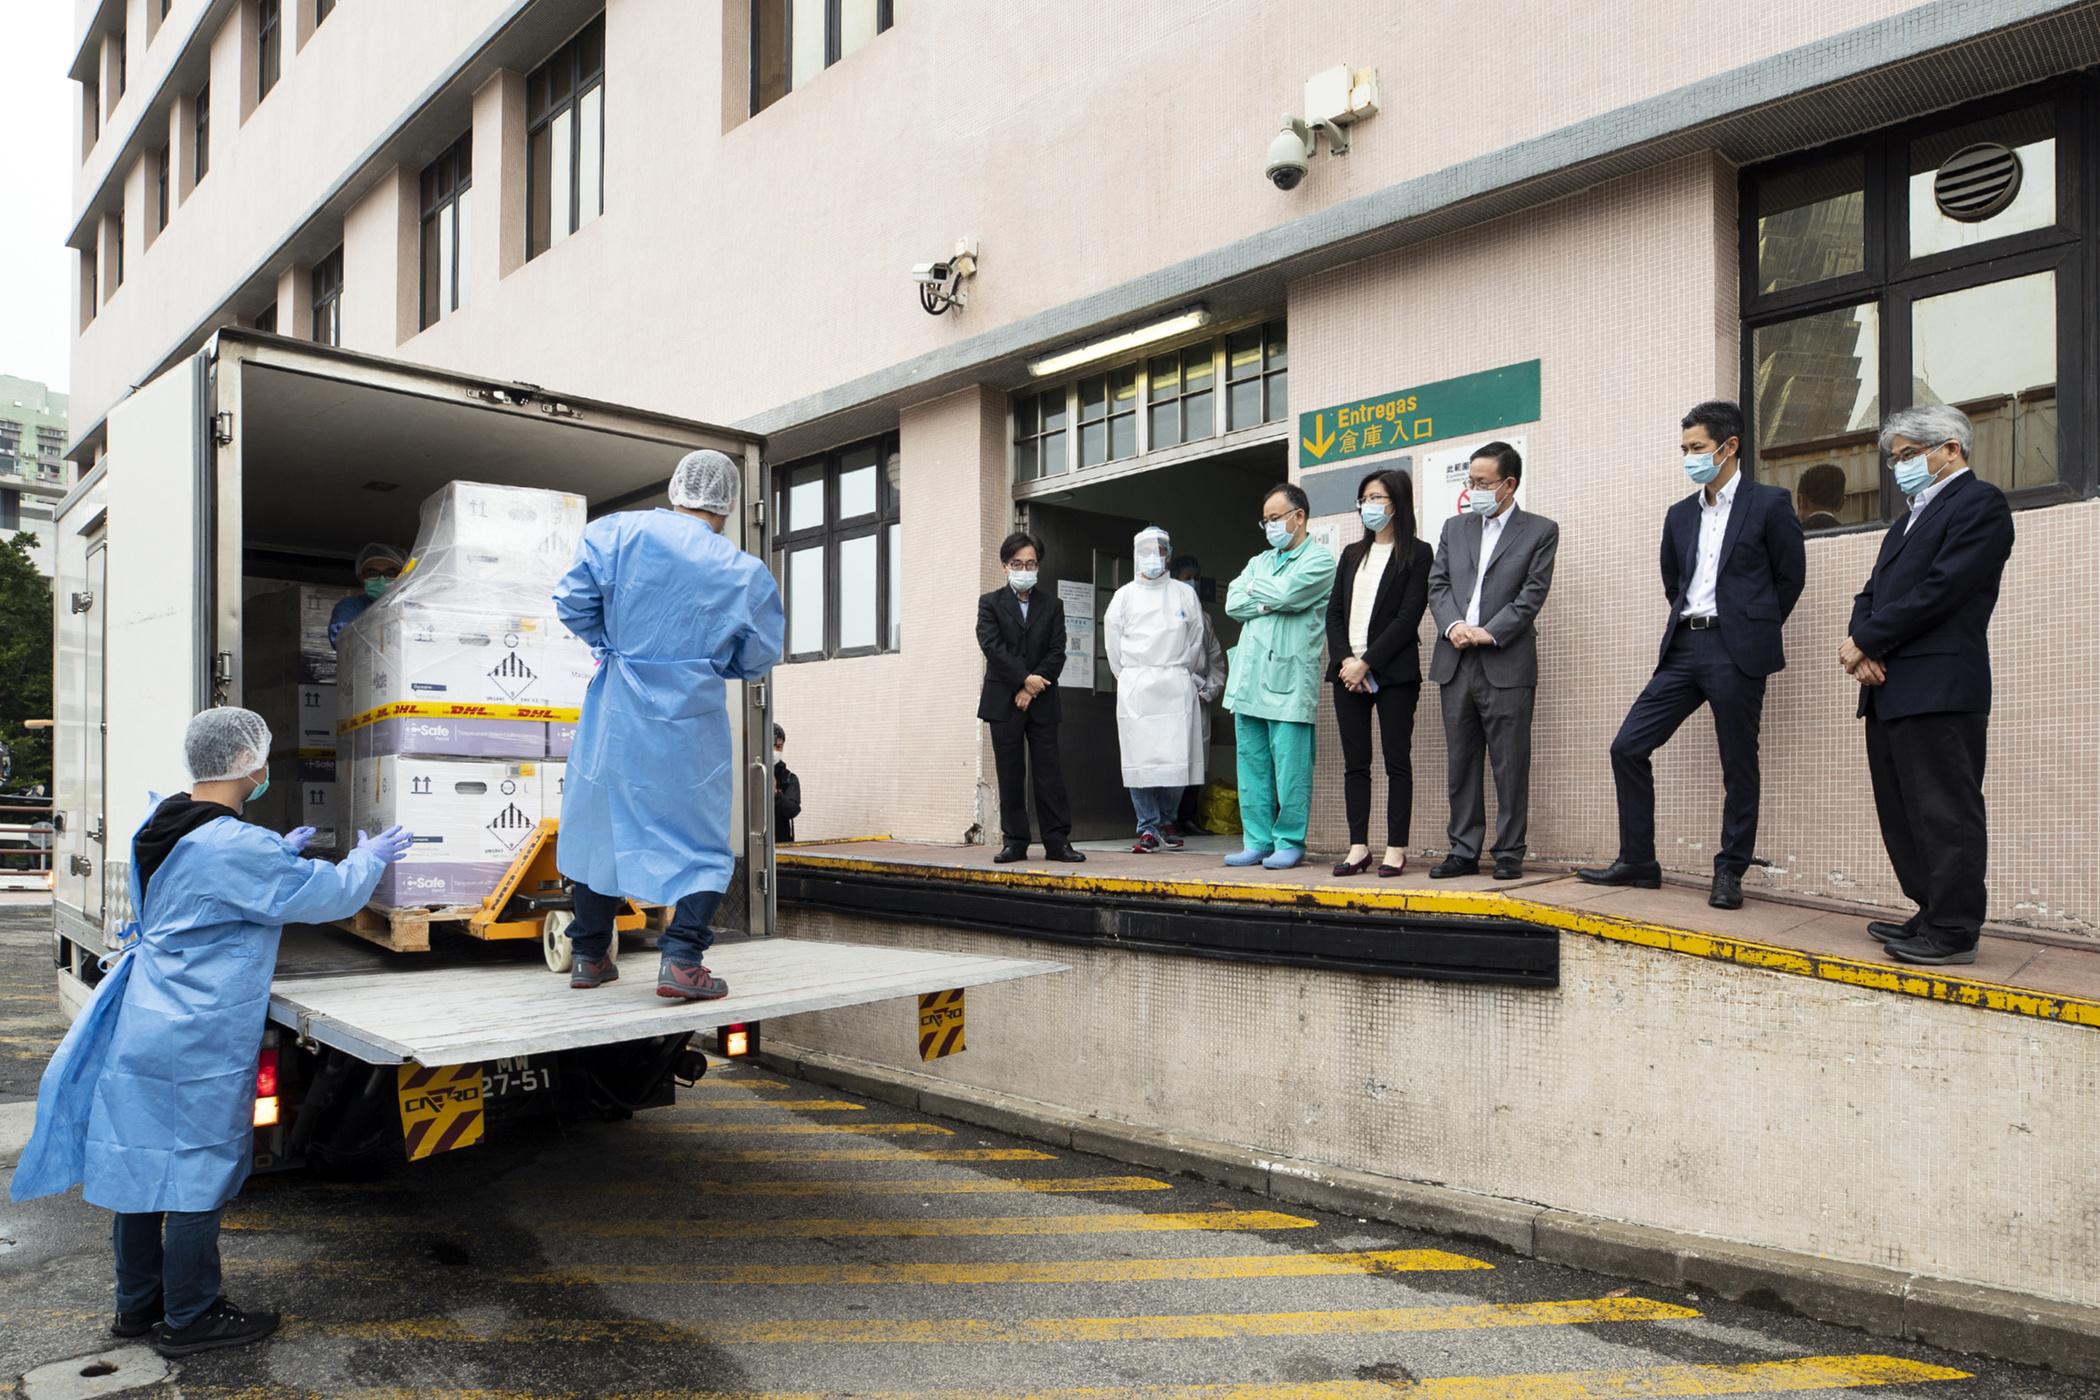 Covid 19 | Chegaram a Macau mais de 100 mil doses da vacina da BioNTech